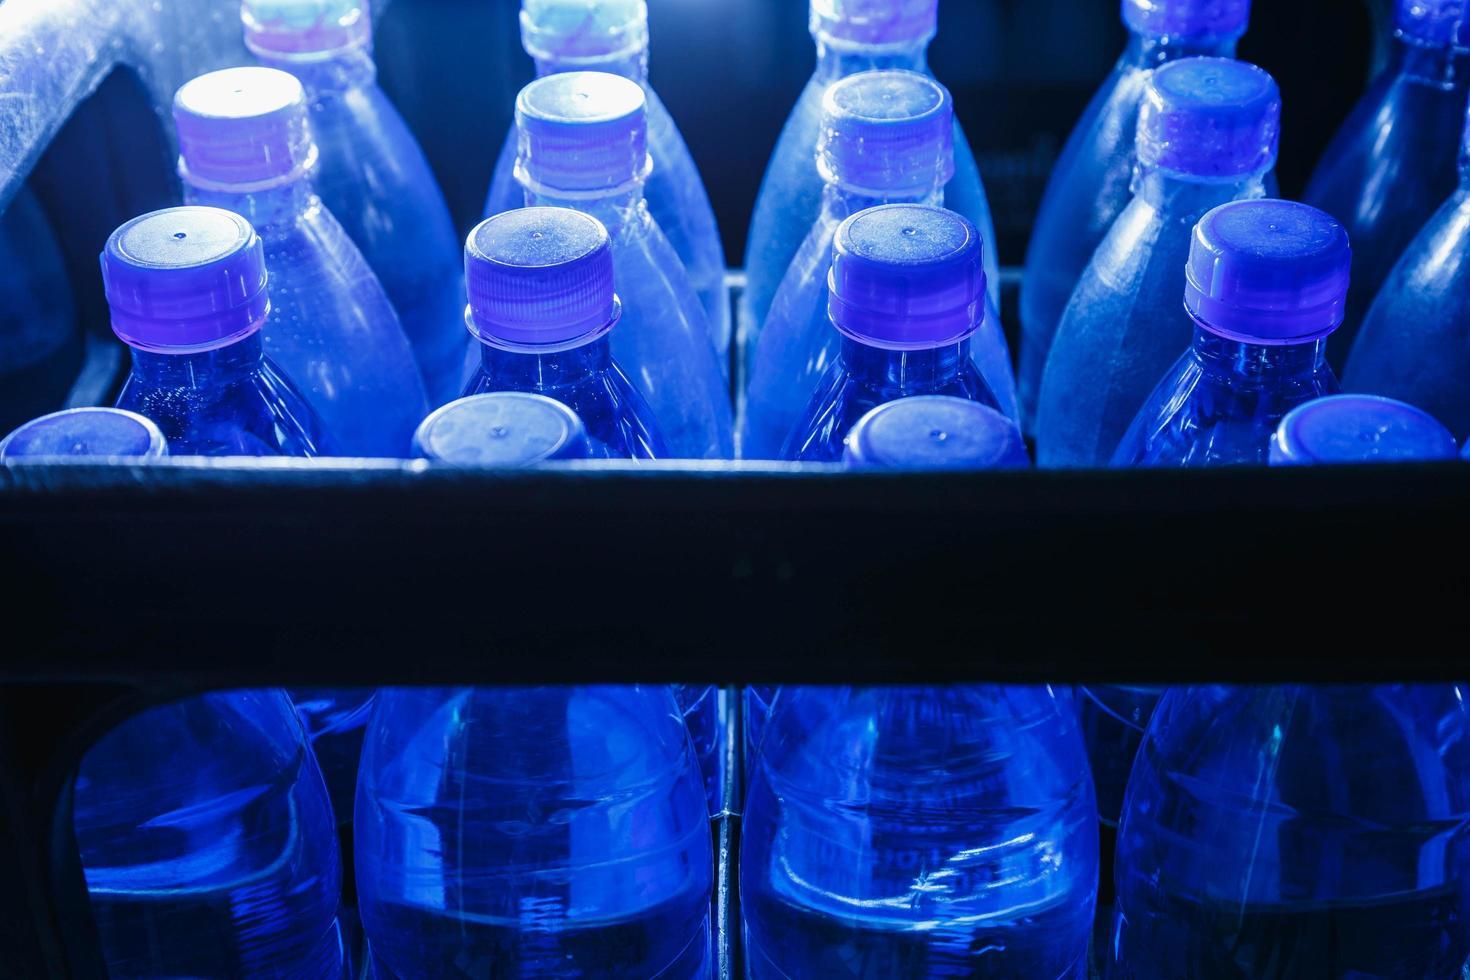 Botellas de agua potable en la planta de producción de agua. foto